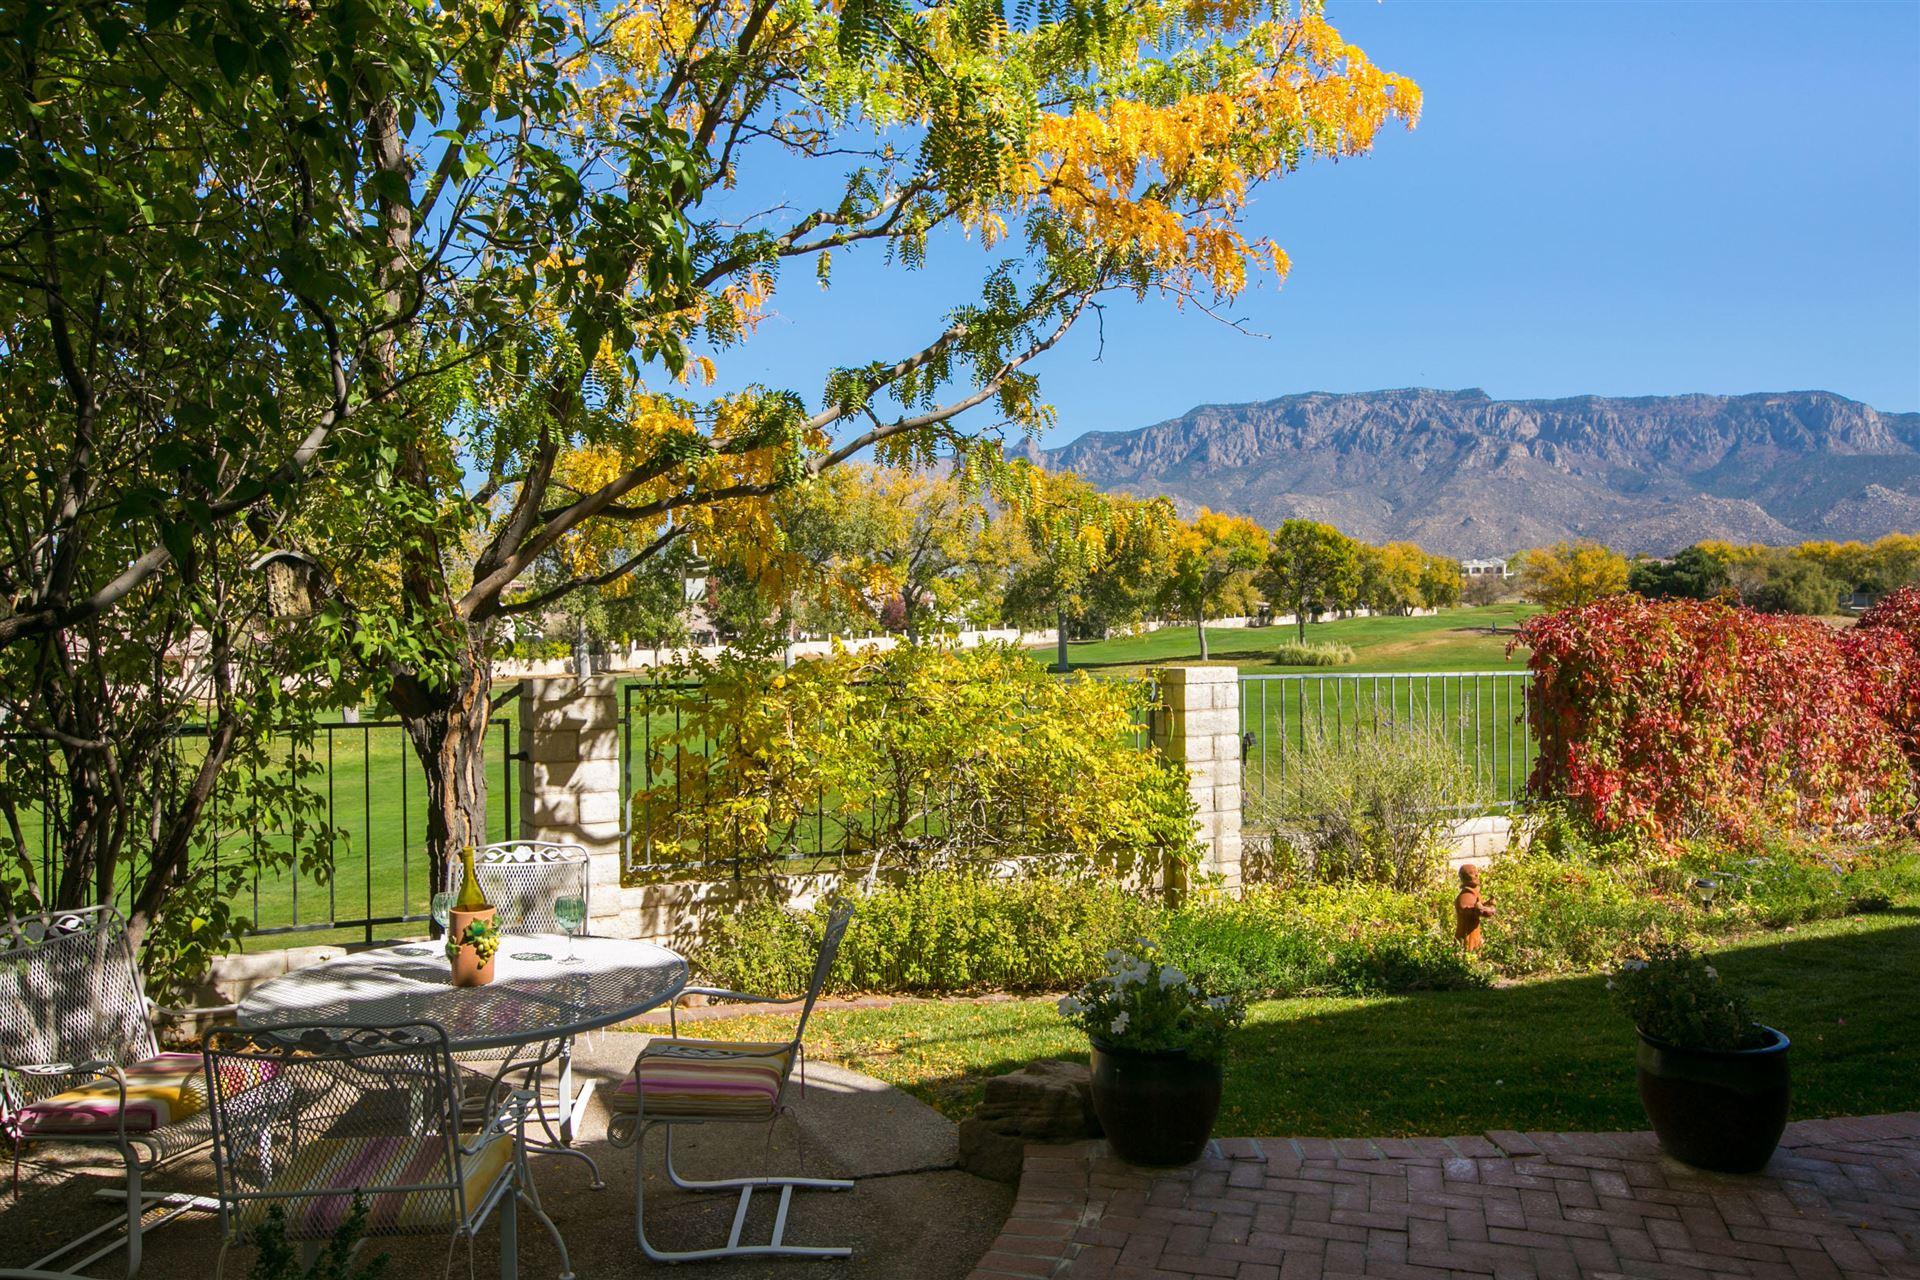 10421 PRESTWICK NE, Albuquerque, NM 87111 - MLS#: 988806